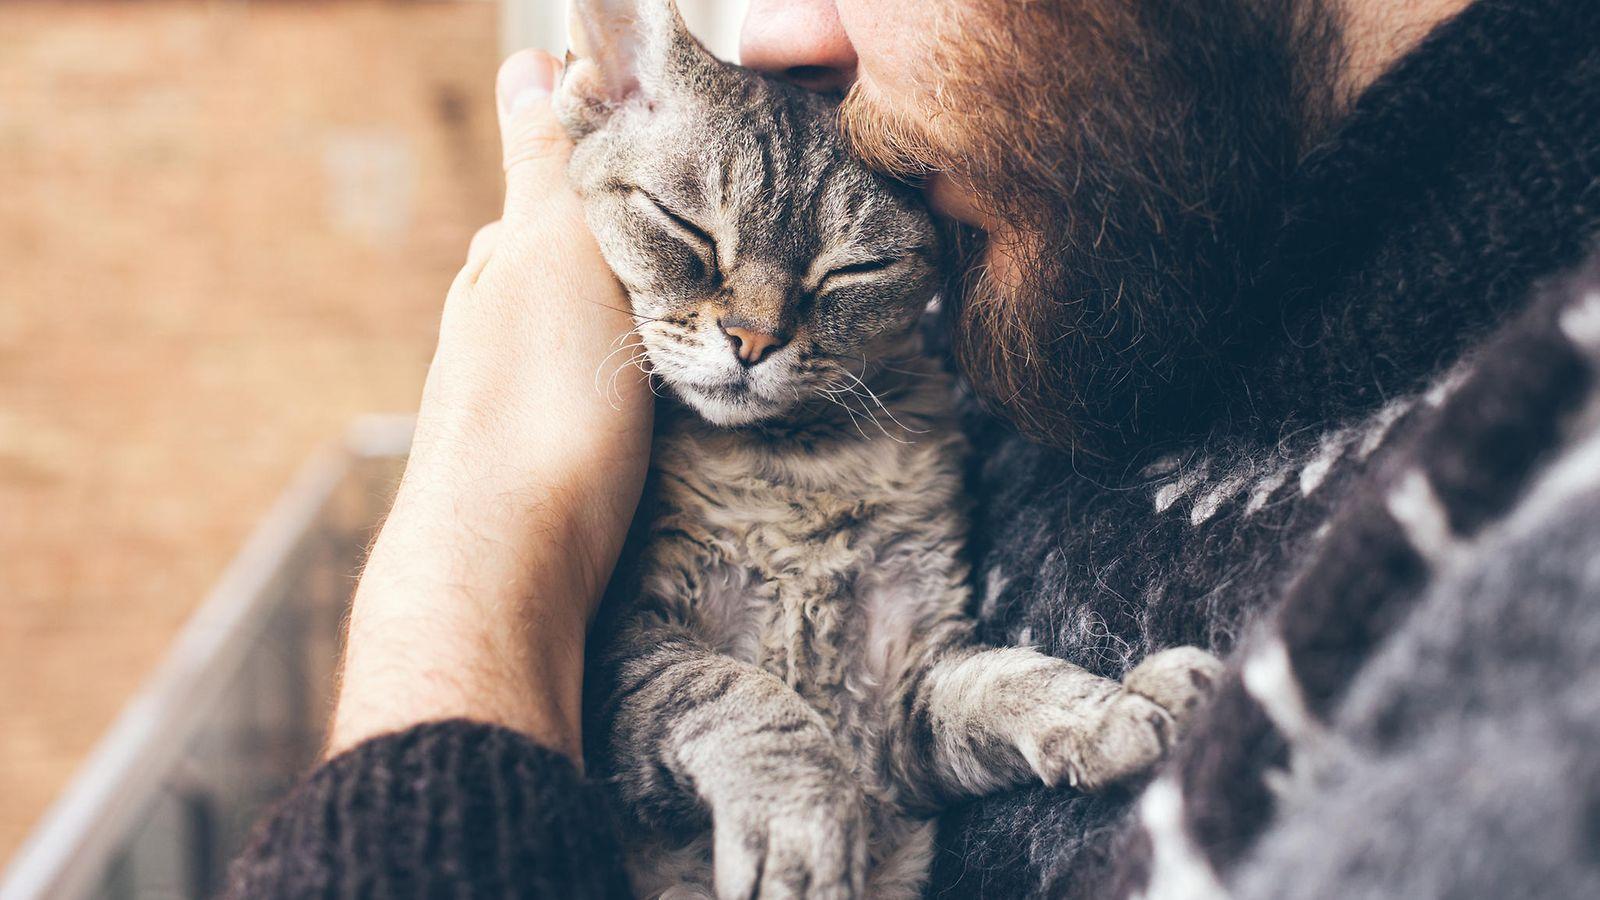 Pitävätkö kissat halailusta? Asiantuntijat vastaavat